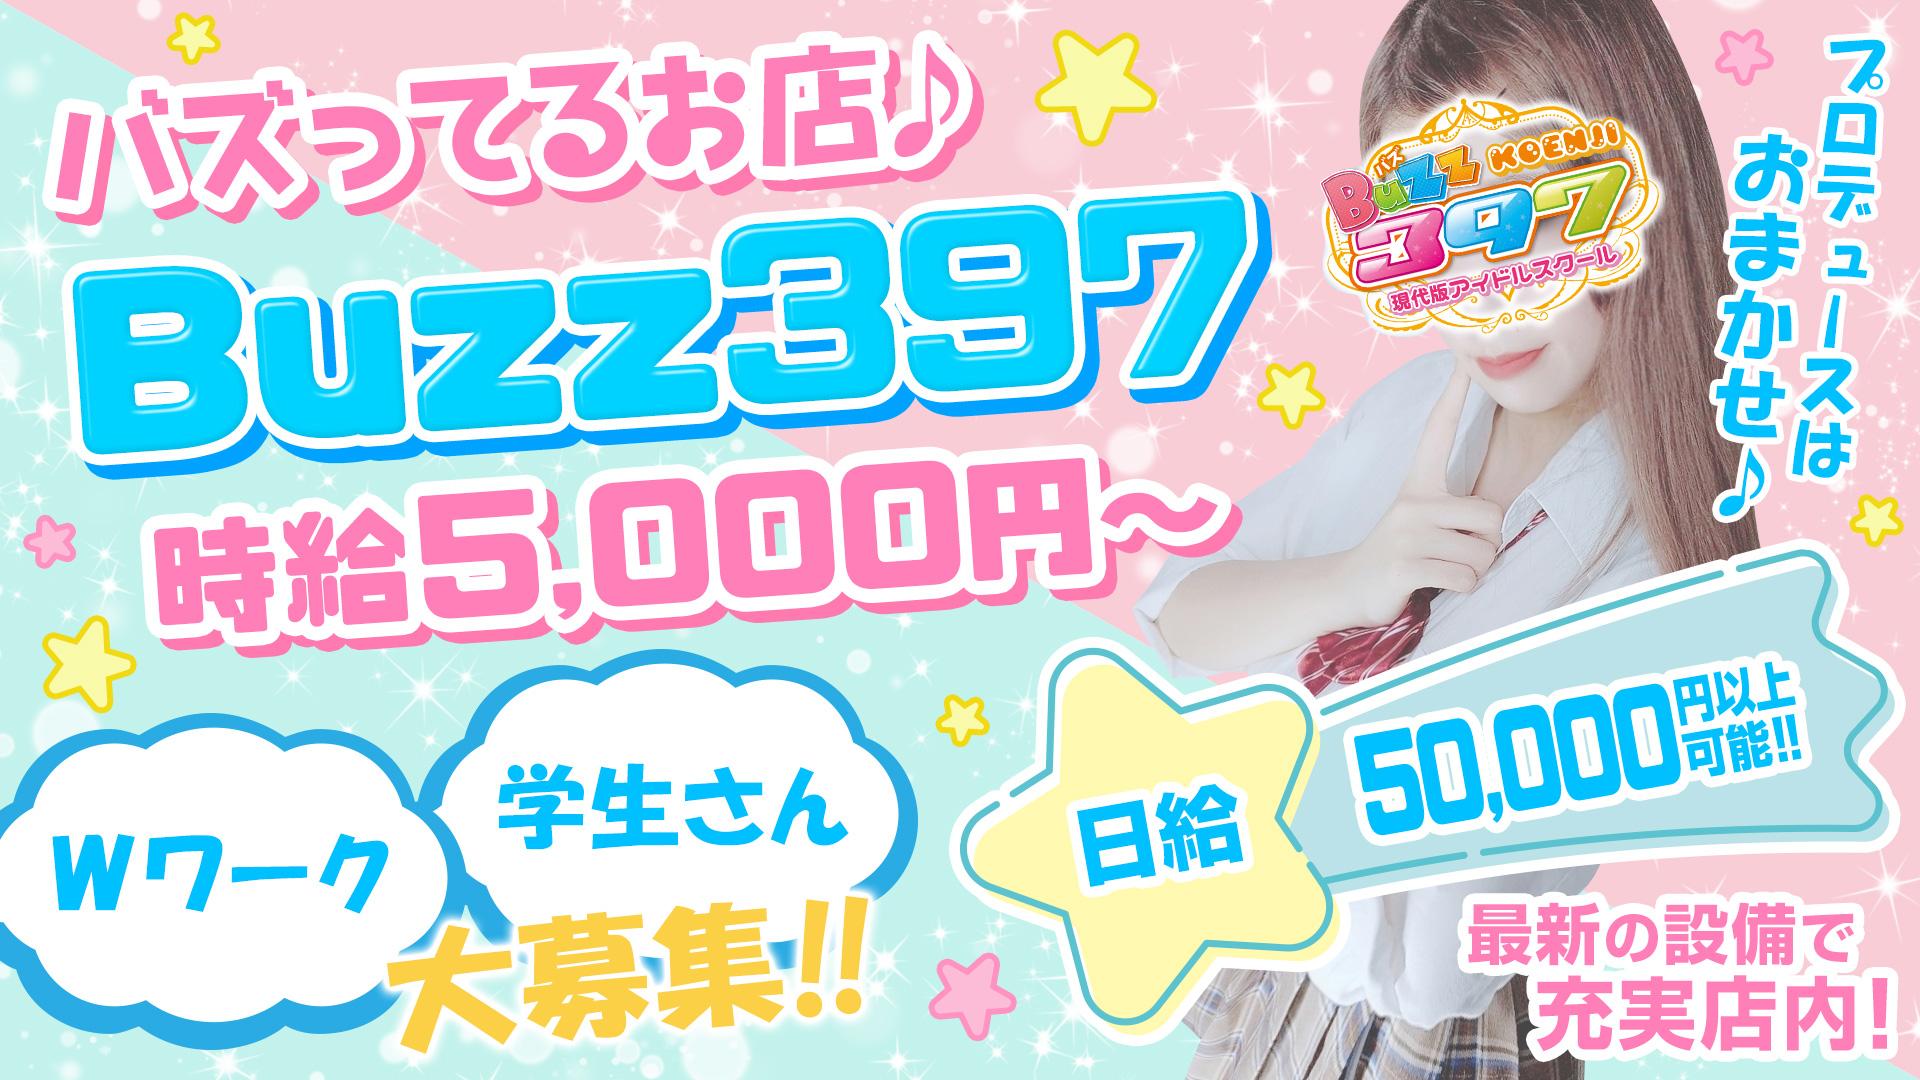 Buzz397(新宿・歌舞伎町)のピンサロ求人・高収入バイトPR画像2